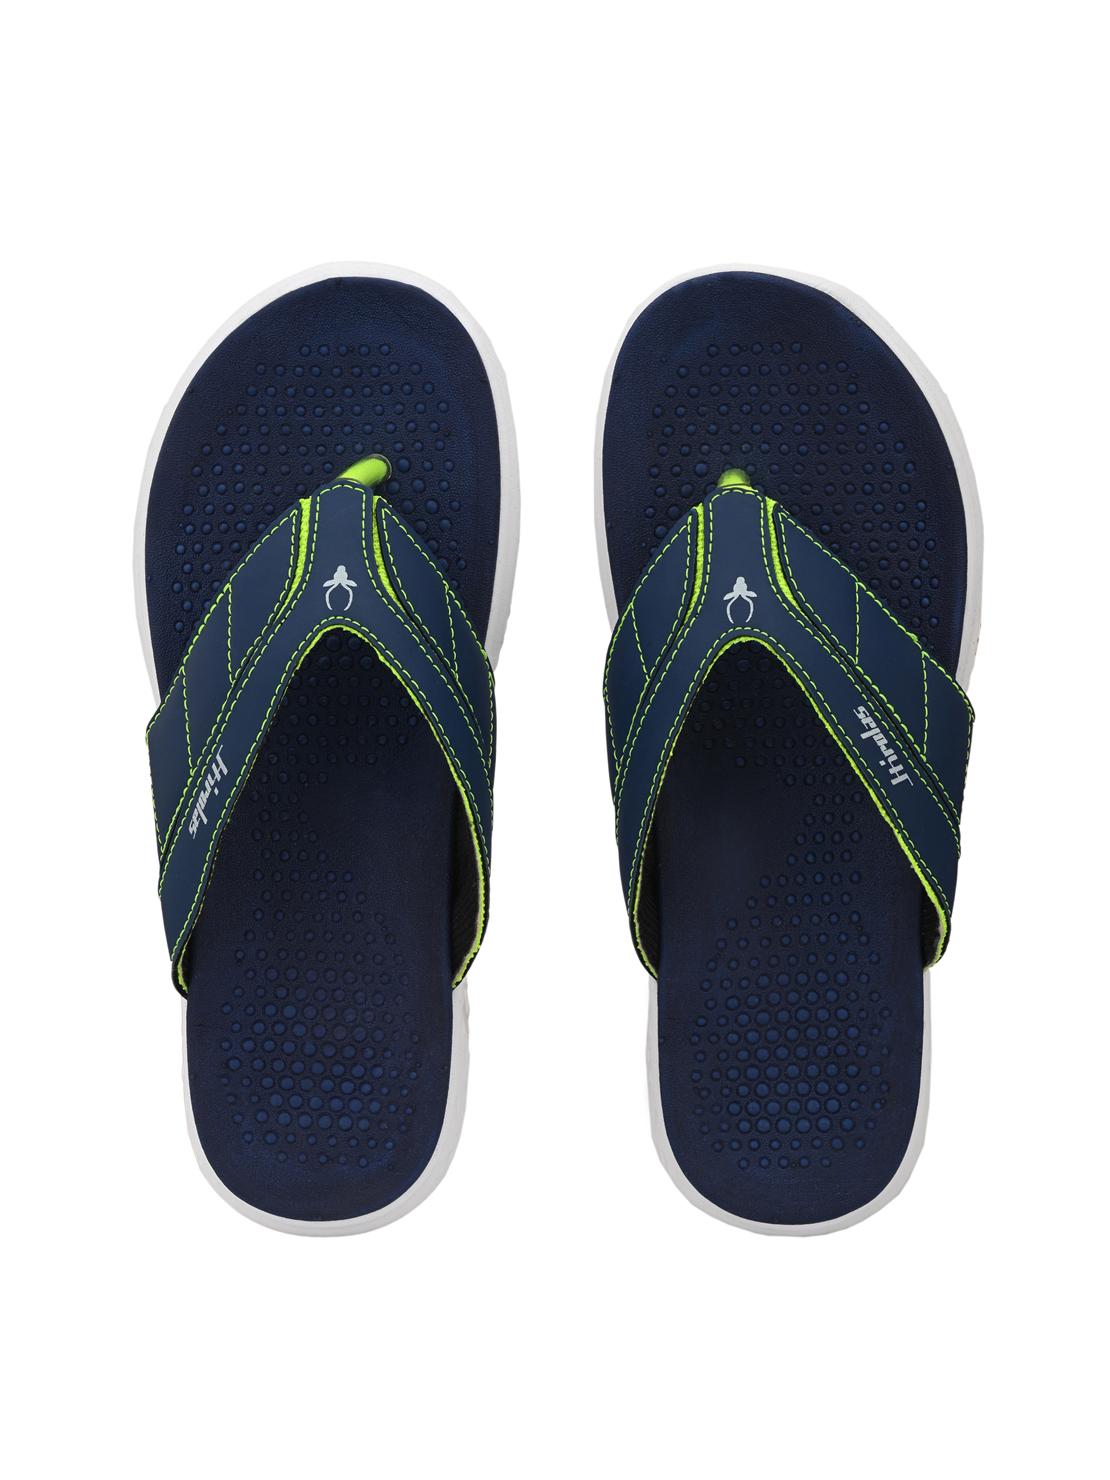 Hirolas | Hirolas® CLOUDWALK | Comfortable | Ultra-Soft | Light-Weight | Shock Absorbent | Bounce Back Technology | Water-Resistant | Flip Flops | Slippers for Men - Blue/Green